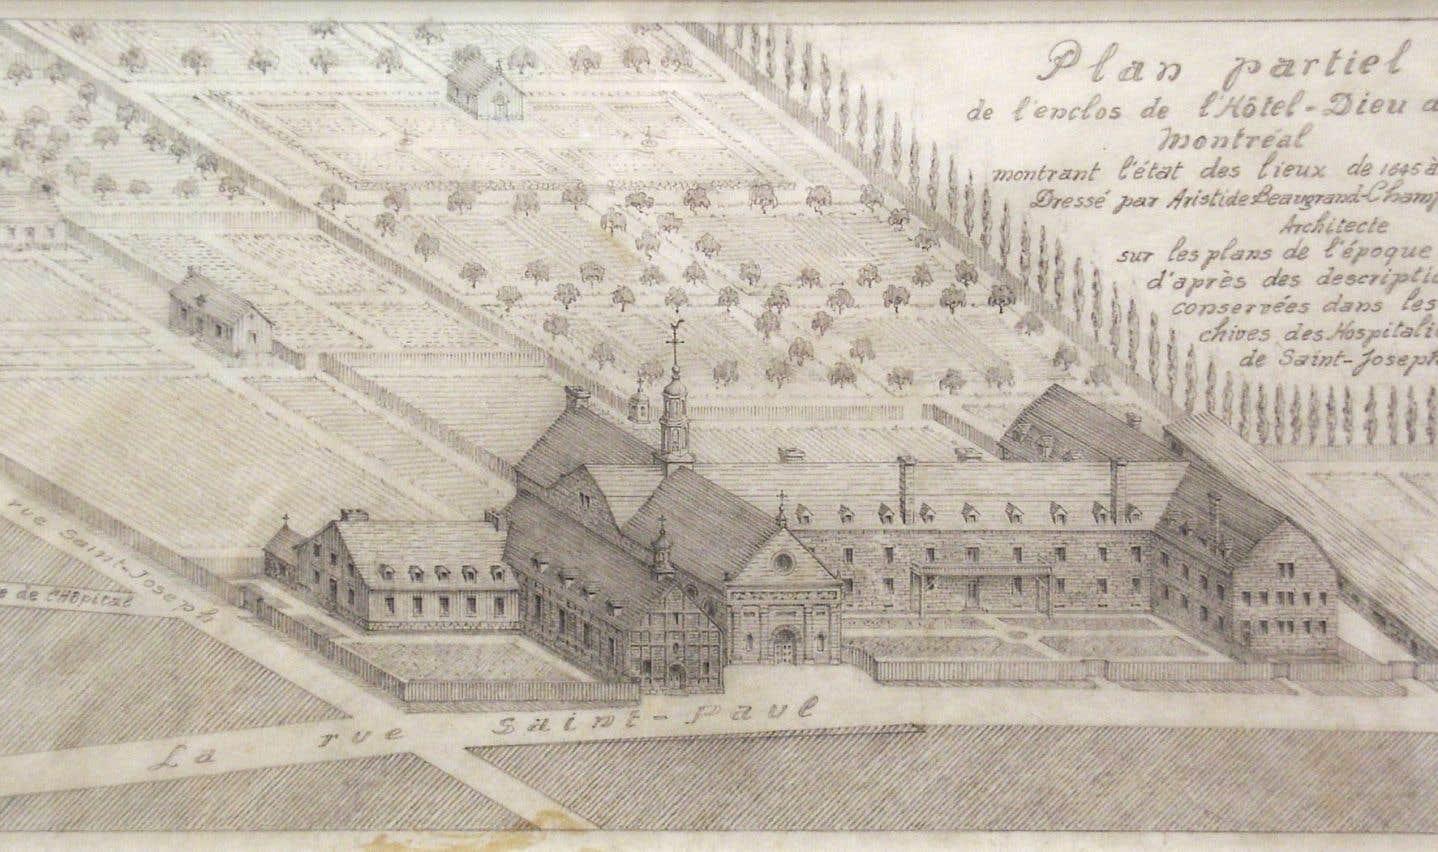 Plan du premier Hôtel-Dieu, ancêtre de l'hôpital universitaire actuel, créé par Jeanne mance